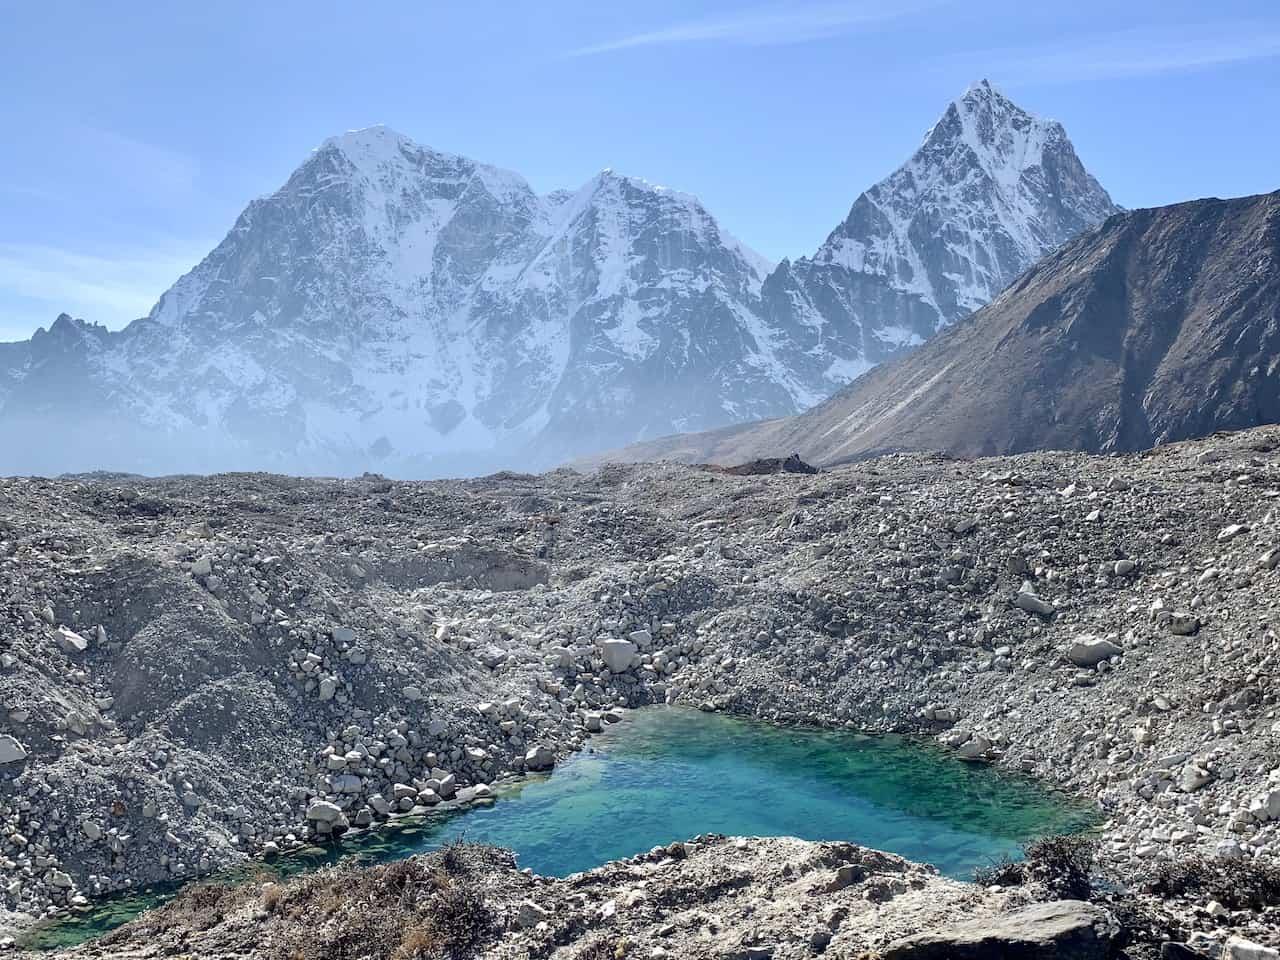 Khumbu Glacier Lobuche